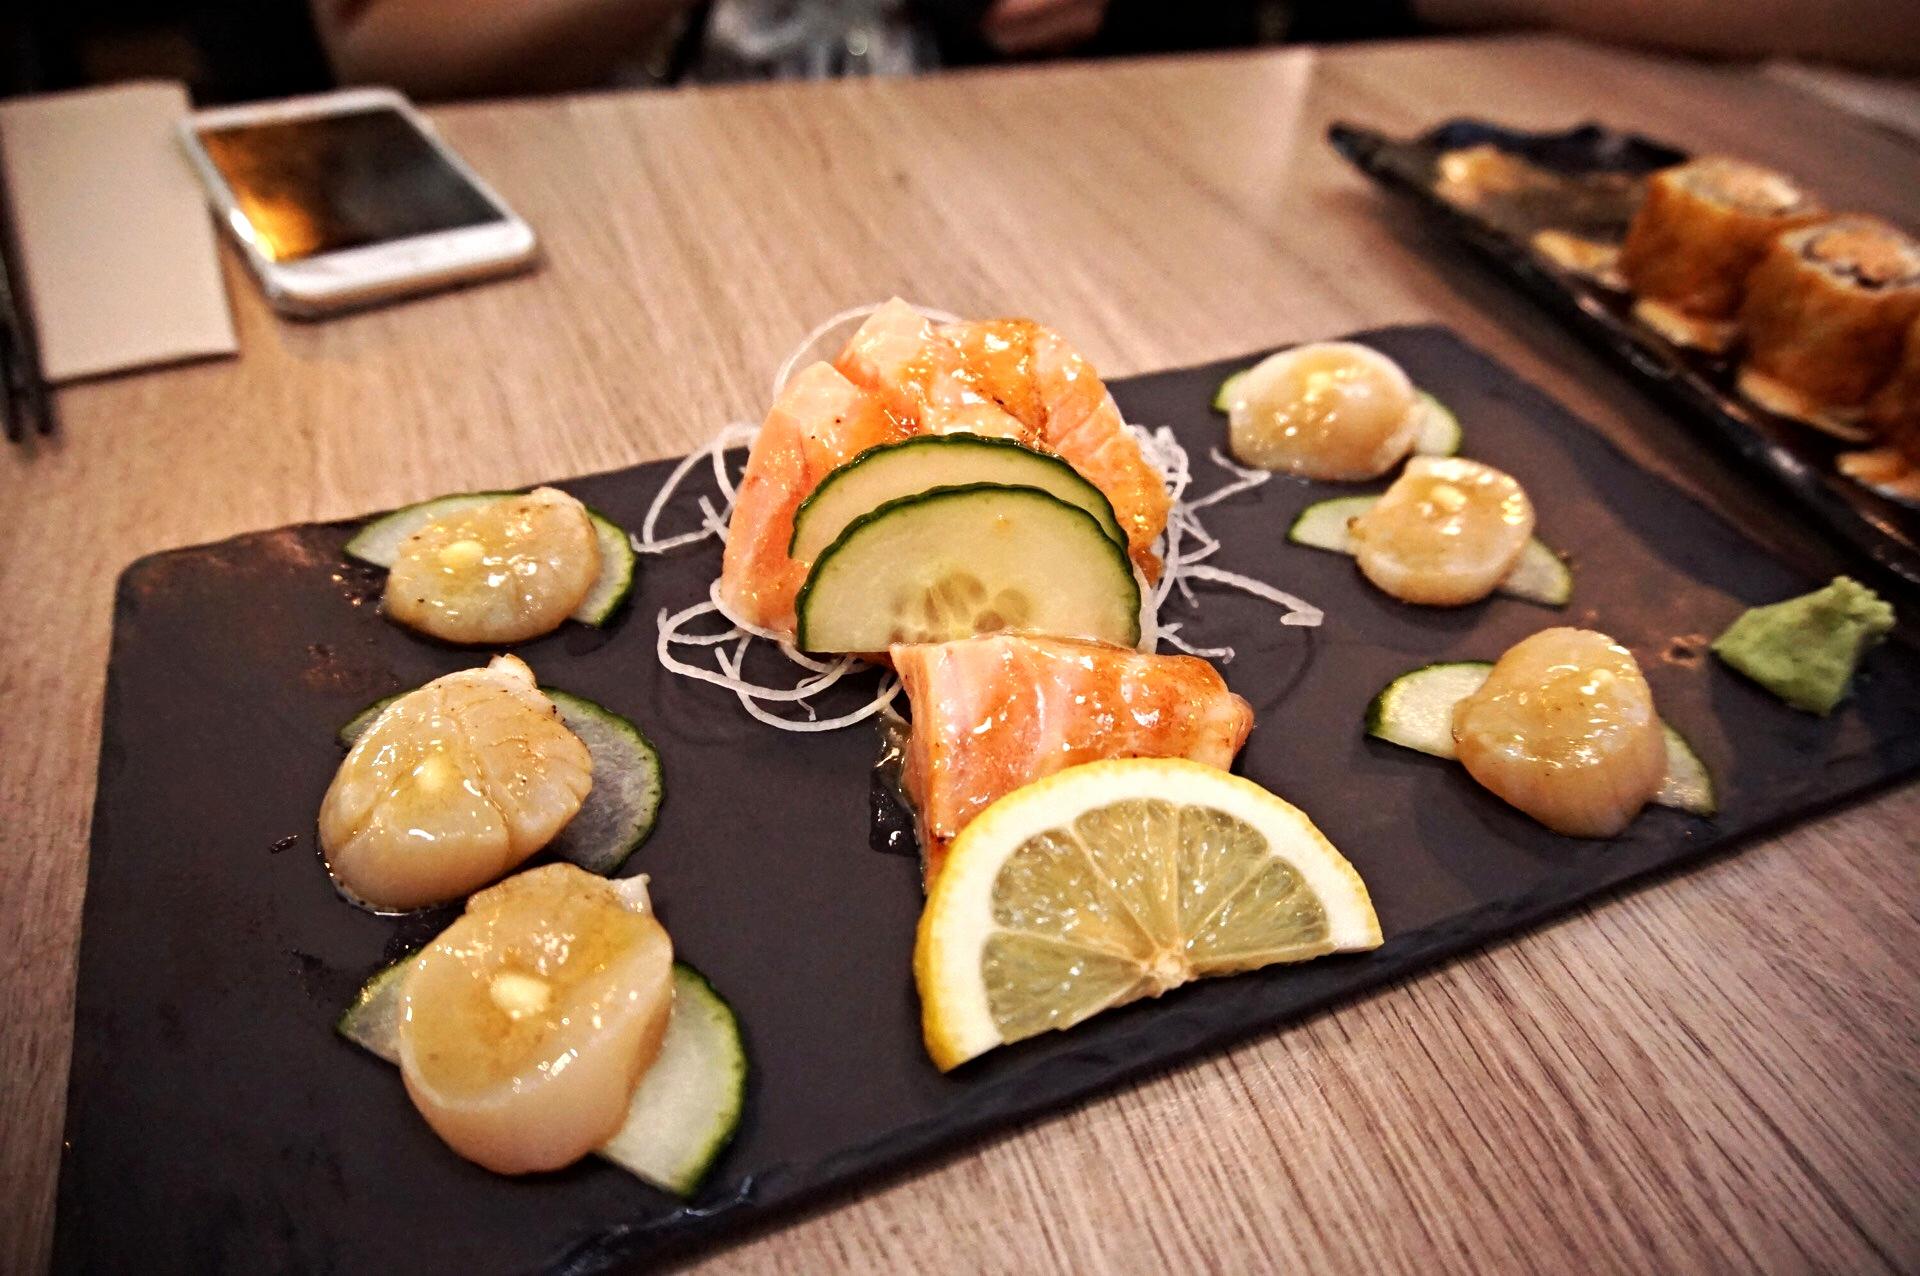 Aburi Sashimi: Hokkaido Sea Scallop with Butter & Soy, NZ King Salmon with Miso